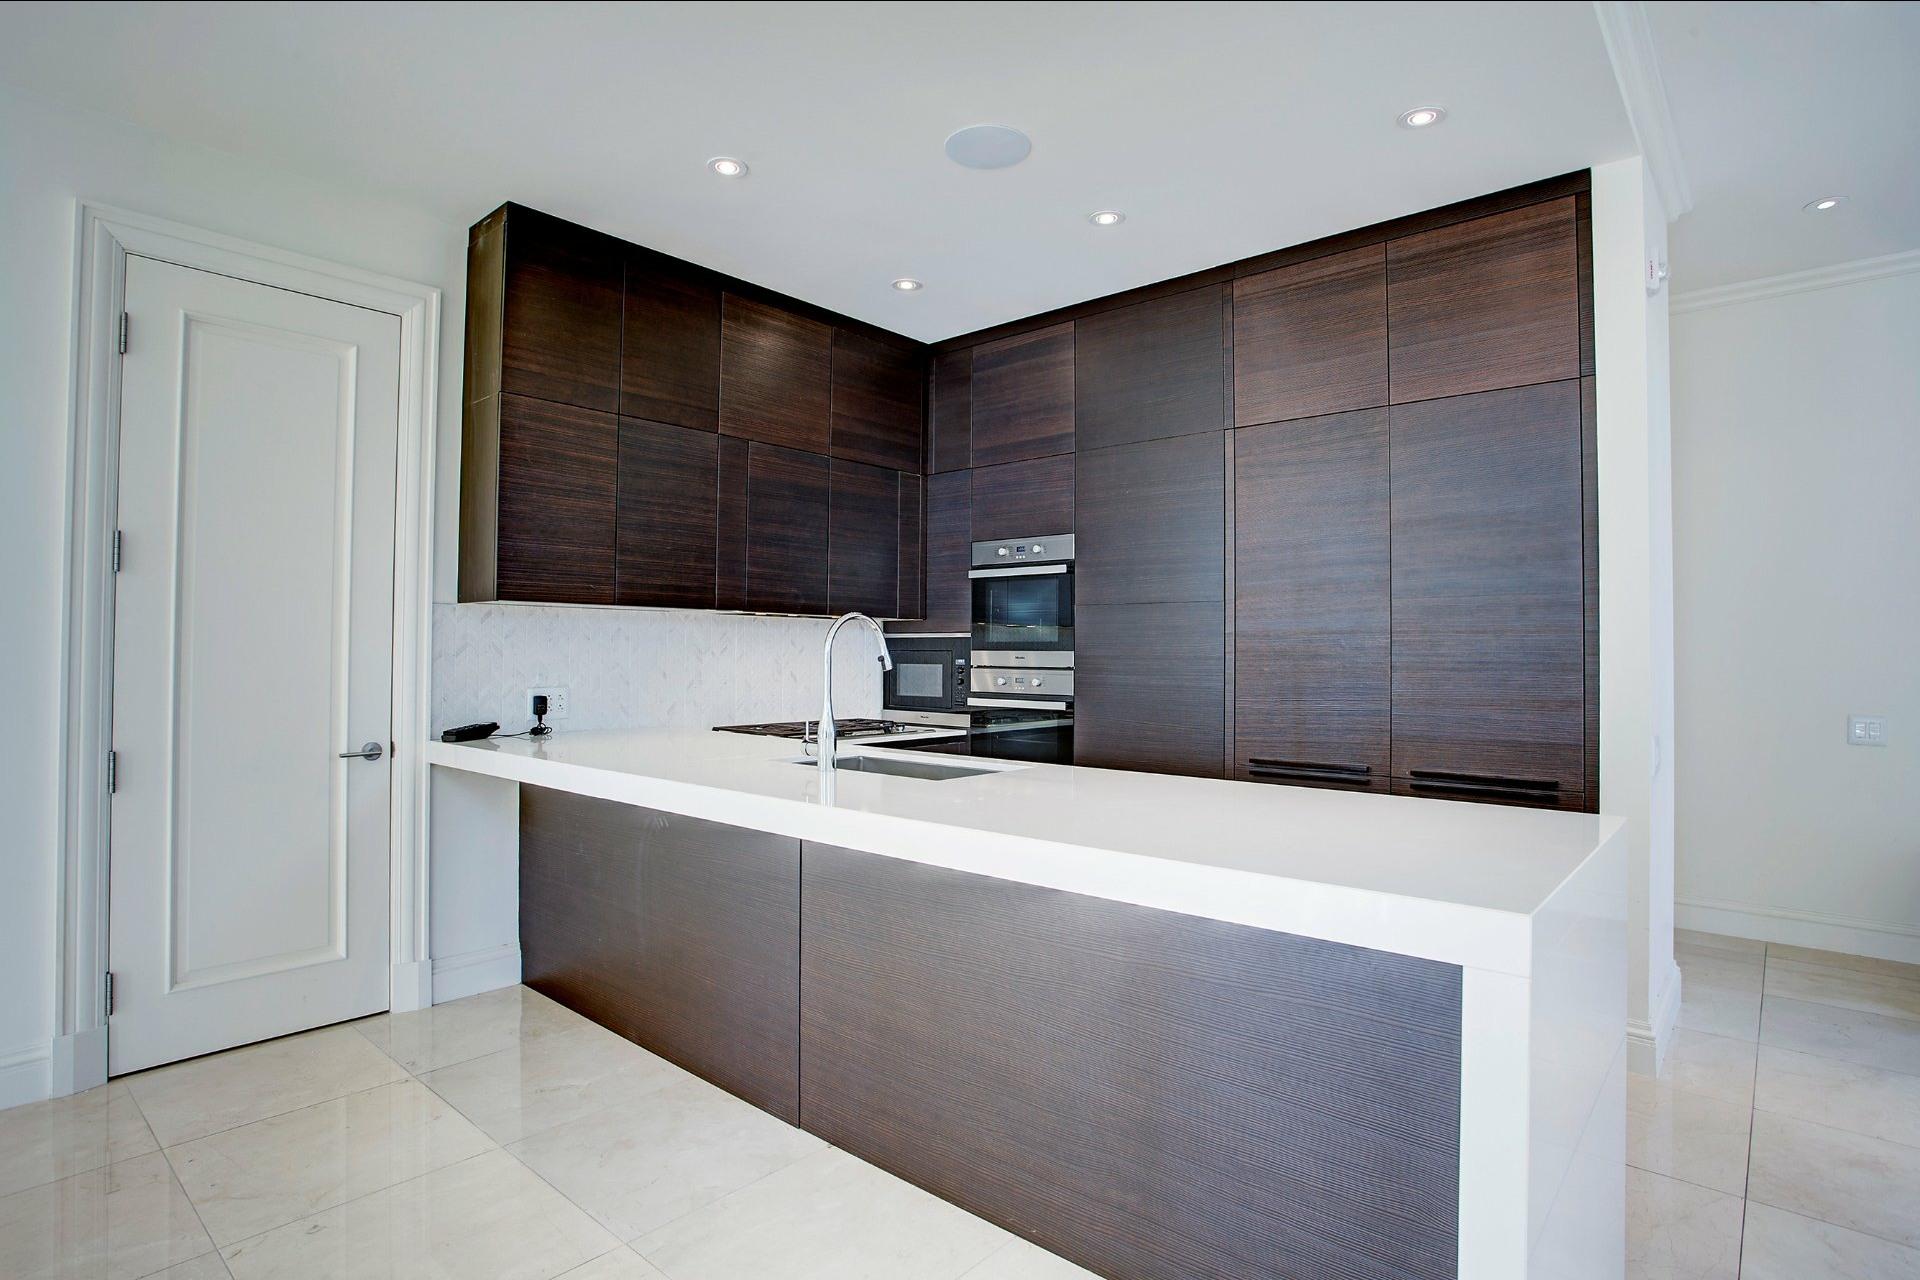 image 11 - Apartment For sale Montréal Ville-Marie  - 4 rooms